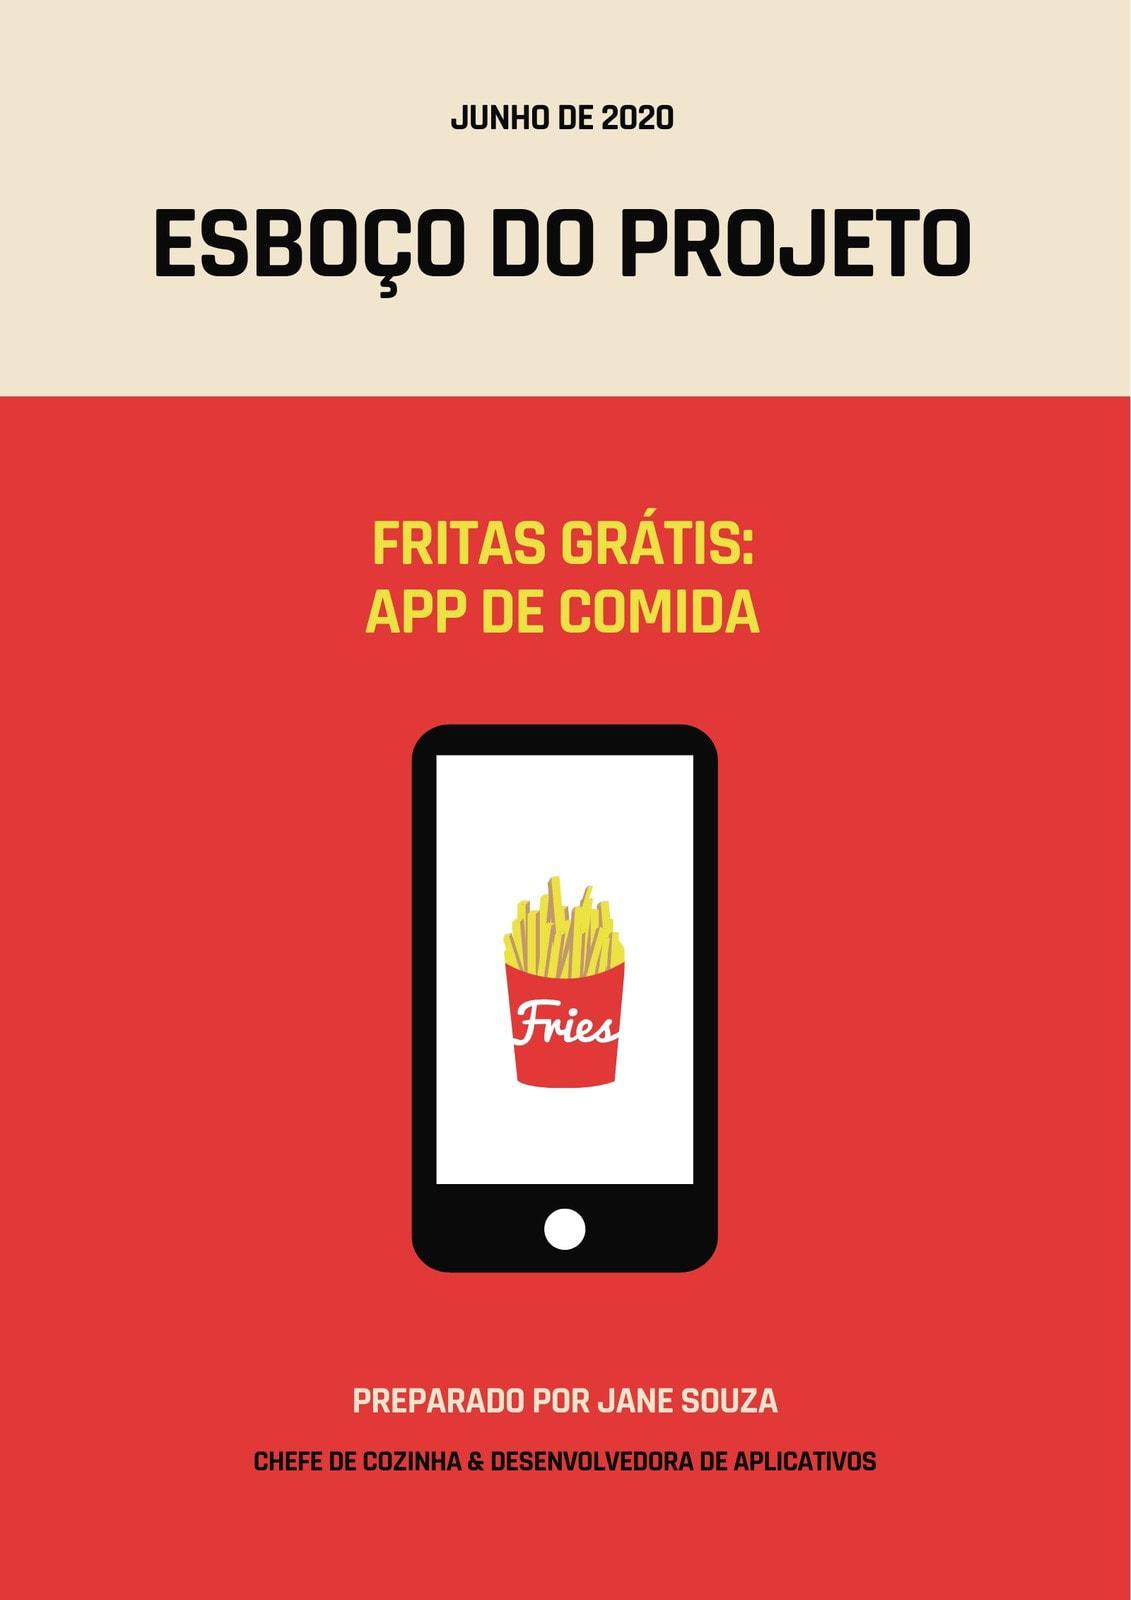 Vermelho e Creme Tablet Fritas Documento Esboço de Projeto